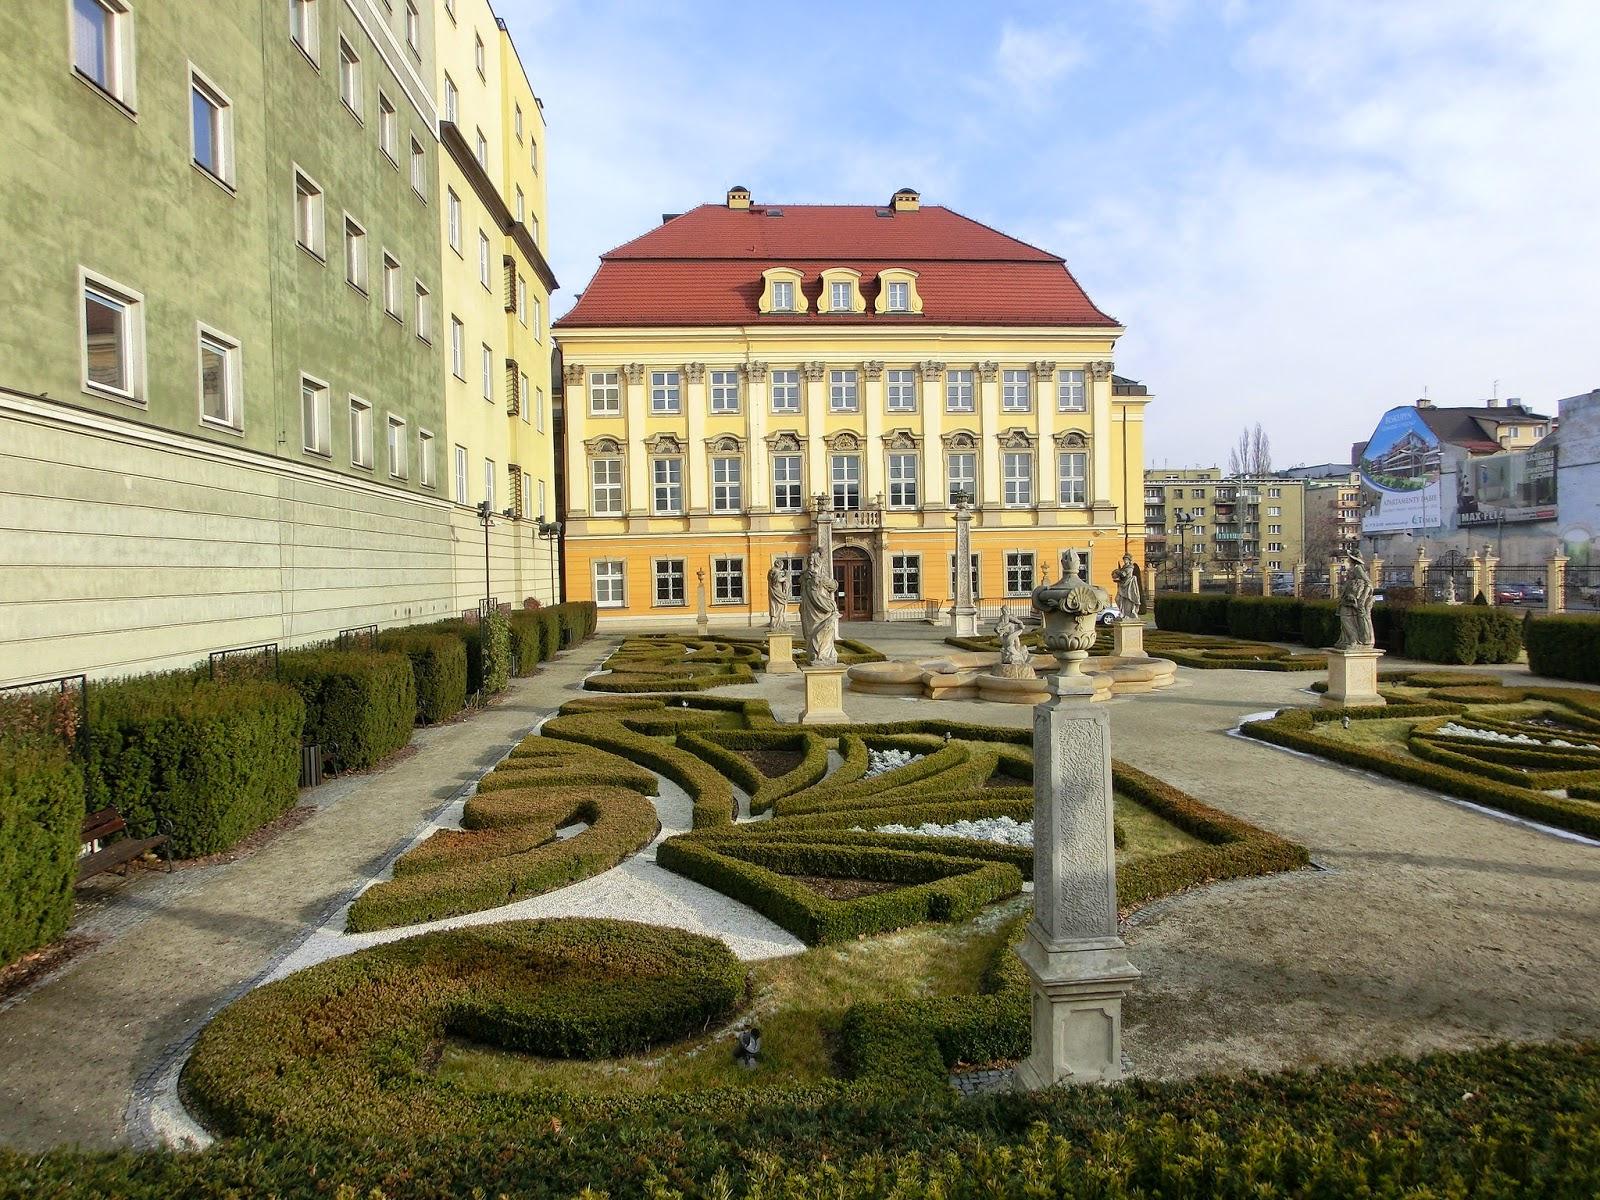 Королевский дворец (Palac Krolewski)